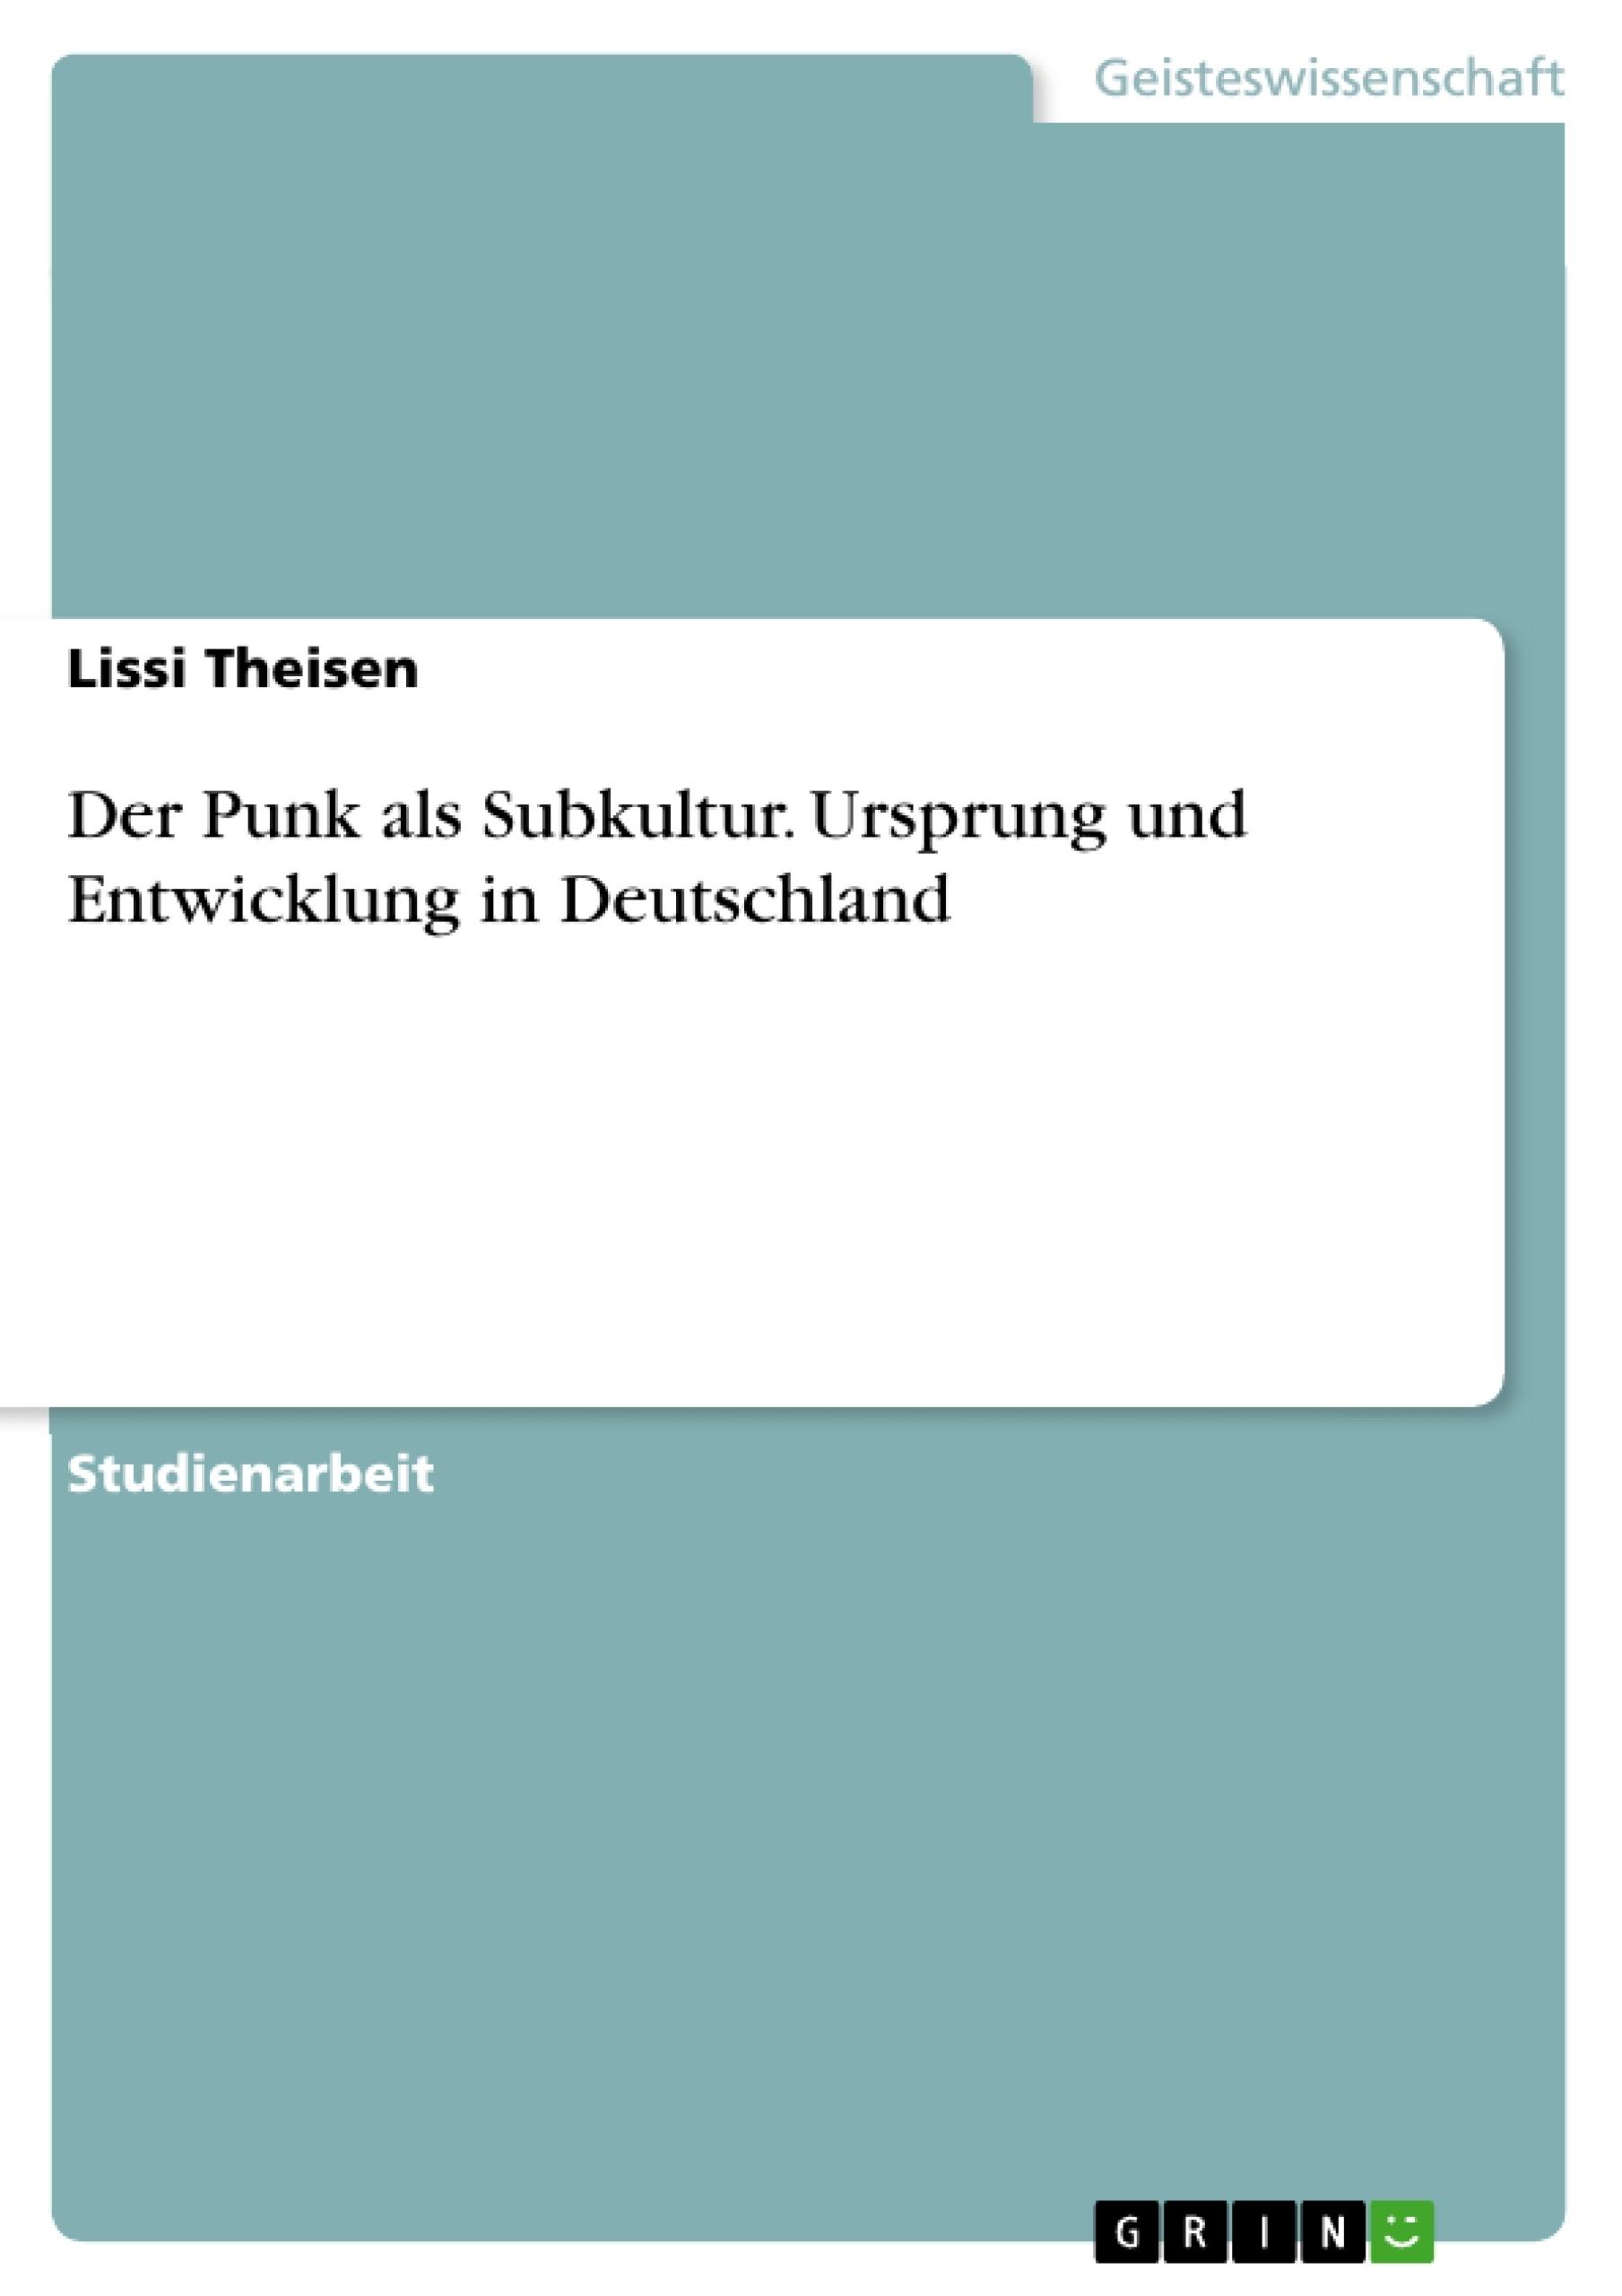 Titel: Der Punk als Subkultur. Ursprung und Entwicklung in Deutschland